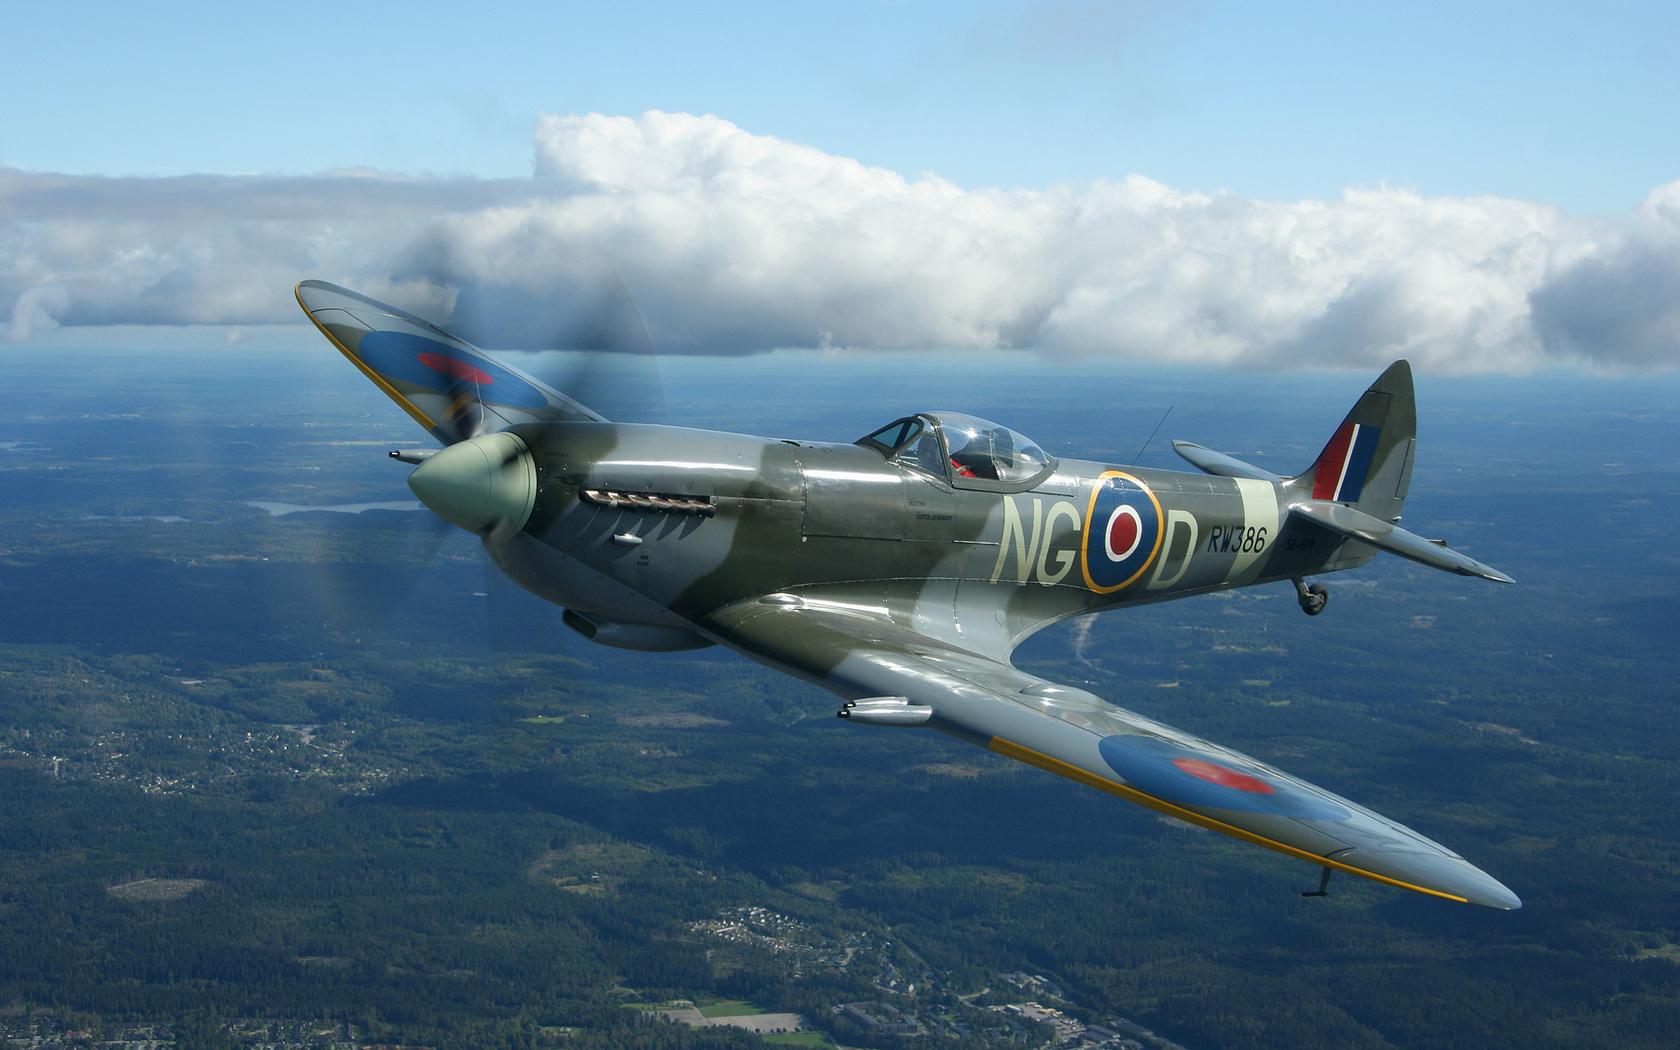 Spitfire Wallpaper HD Supermarine Spitfire aircraft plane clouds 1680x1050